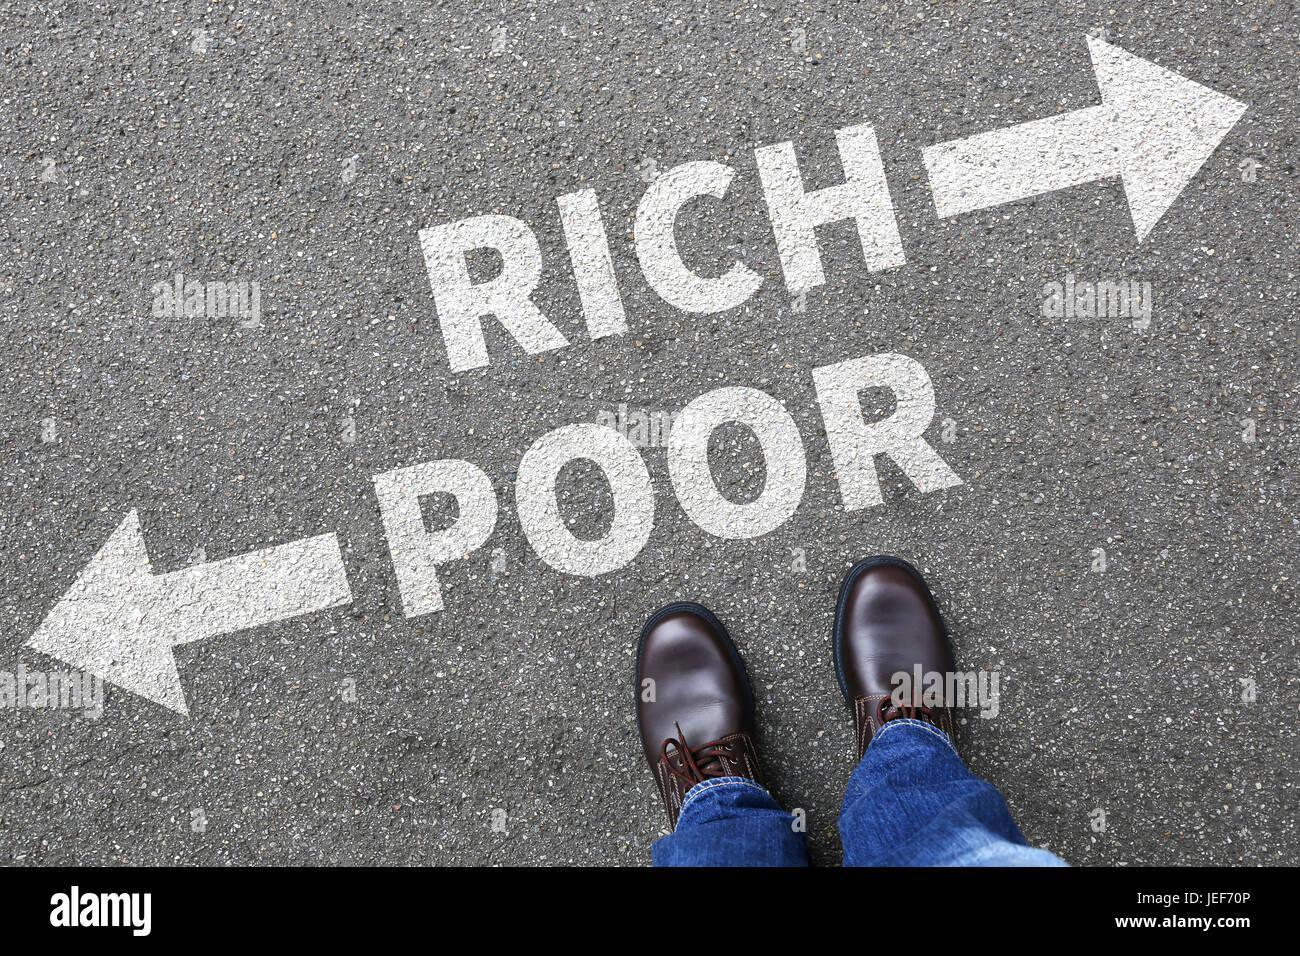 La pauvreté riches pauvres succès financier finances argent concept commercial finances Photo Stock